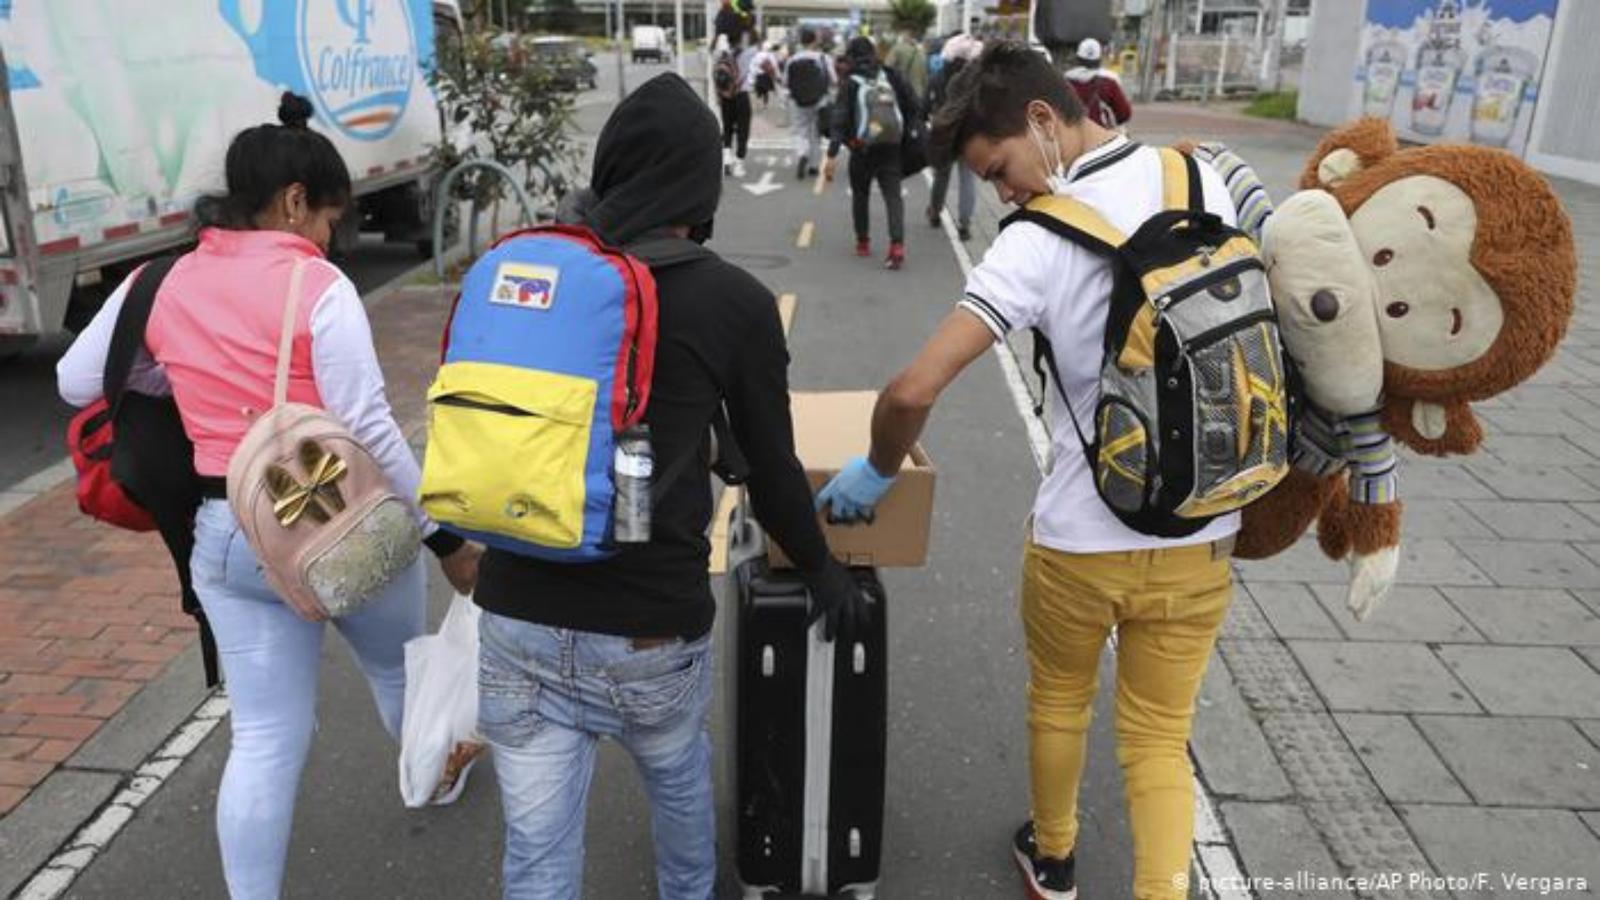 El gran reto: afrontar la permanencia migratoria en el país